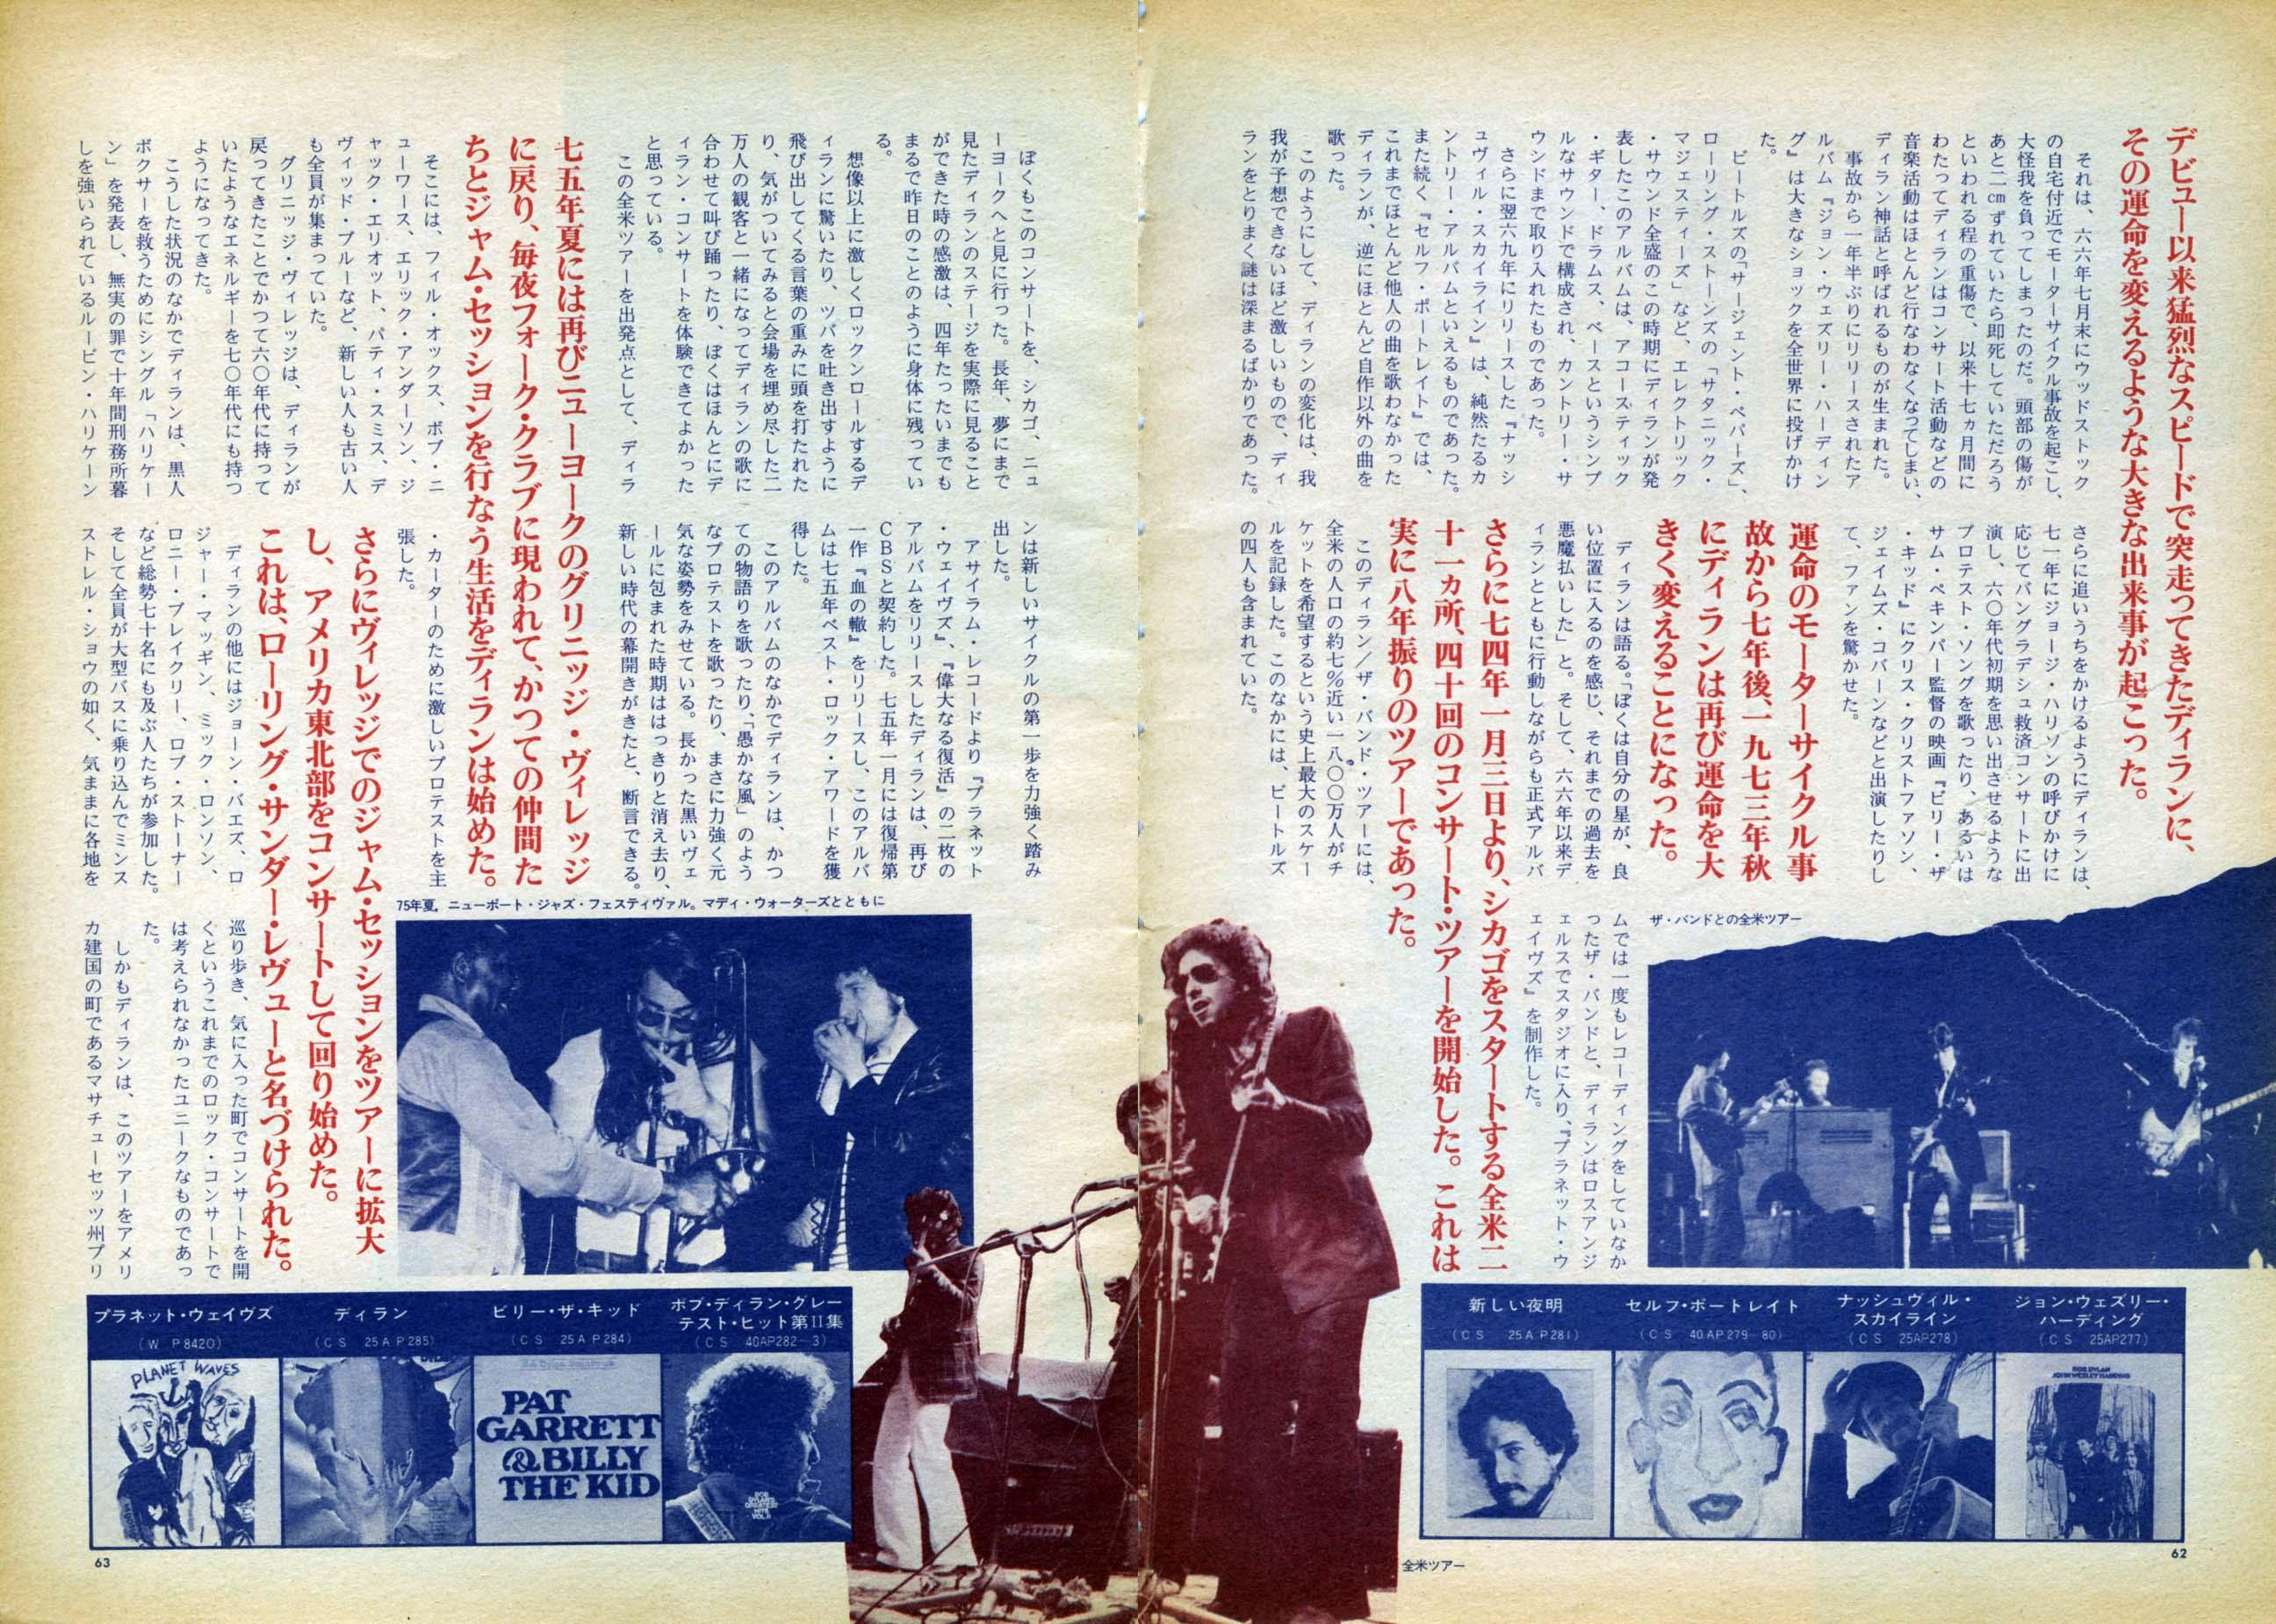 1978 WEEKLY FM